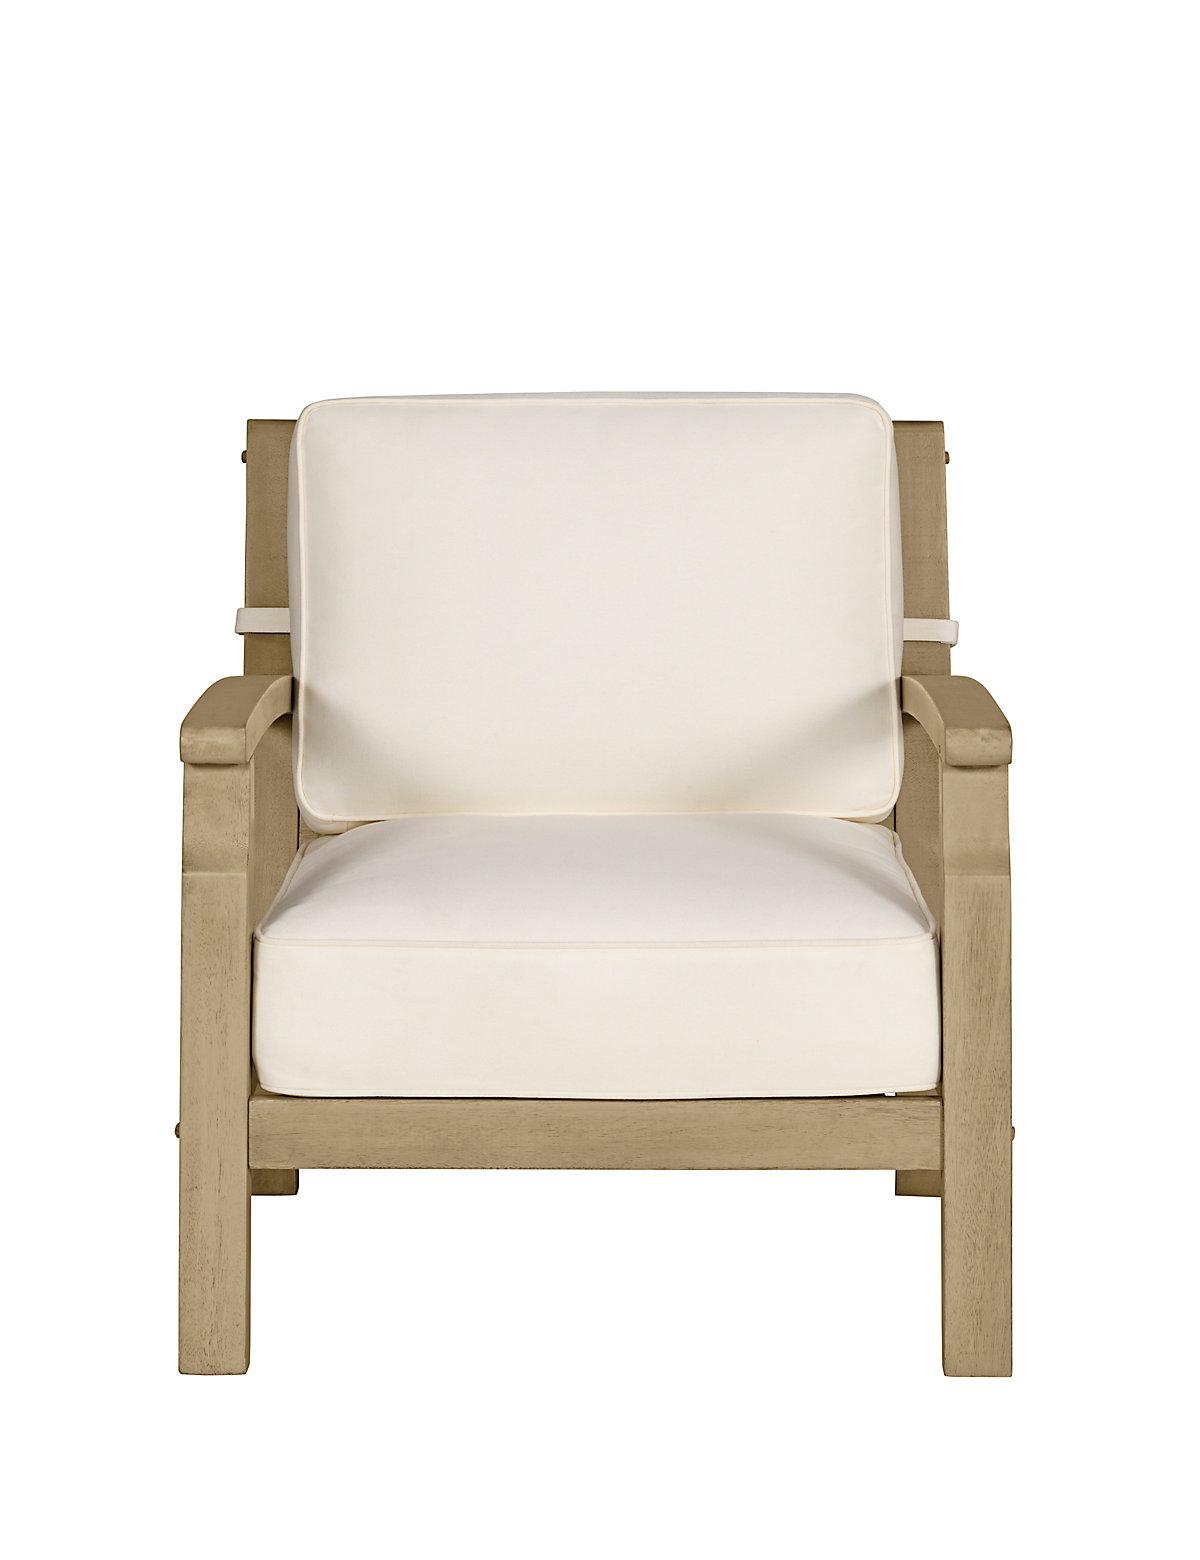 Marks and spencer dahlia cream armchair for Cream armchair